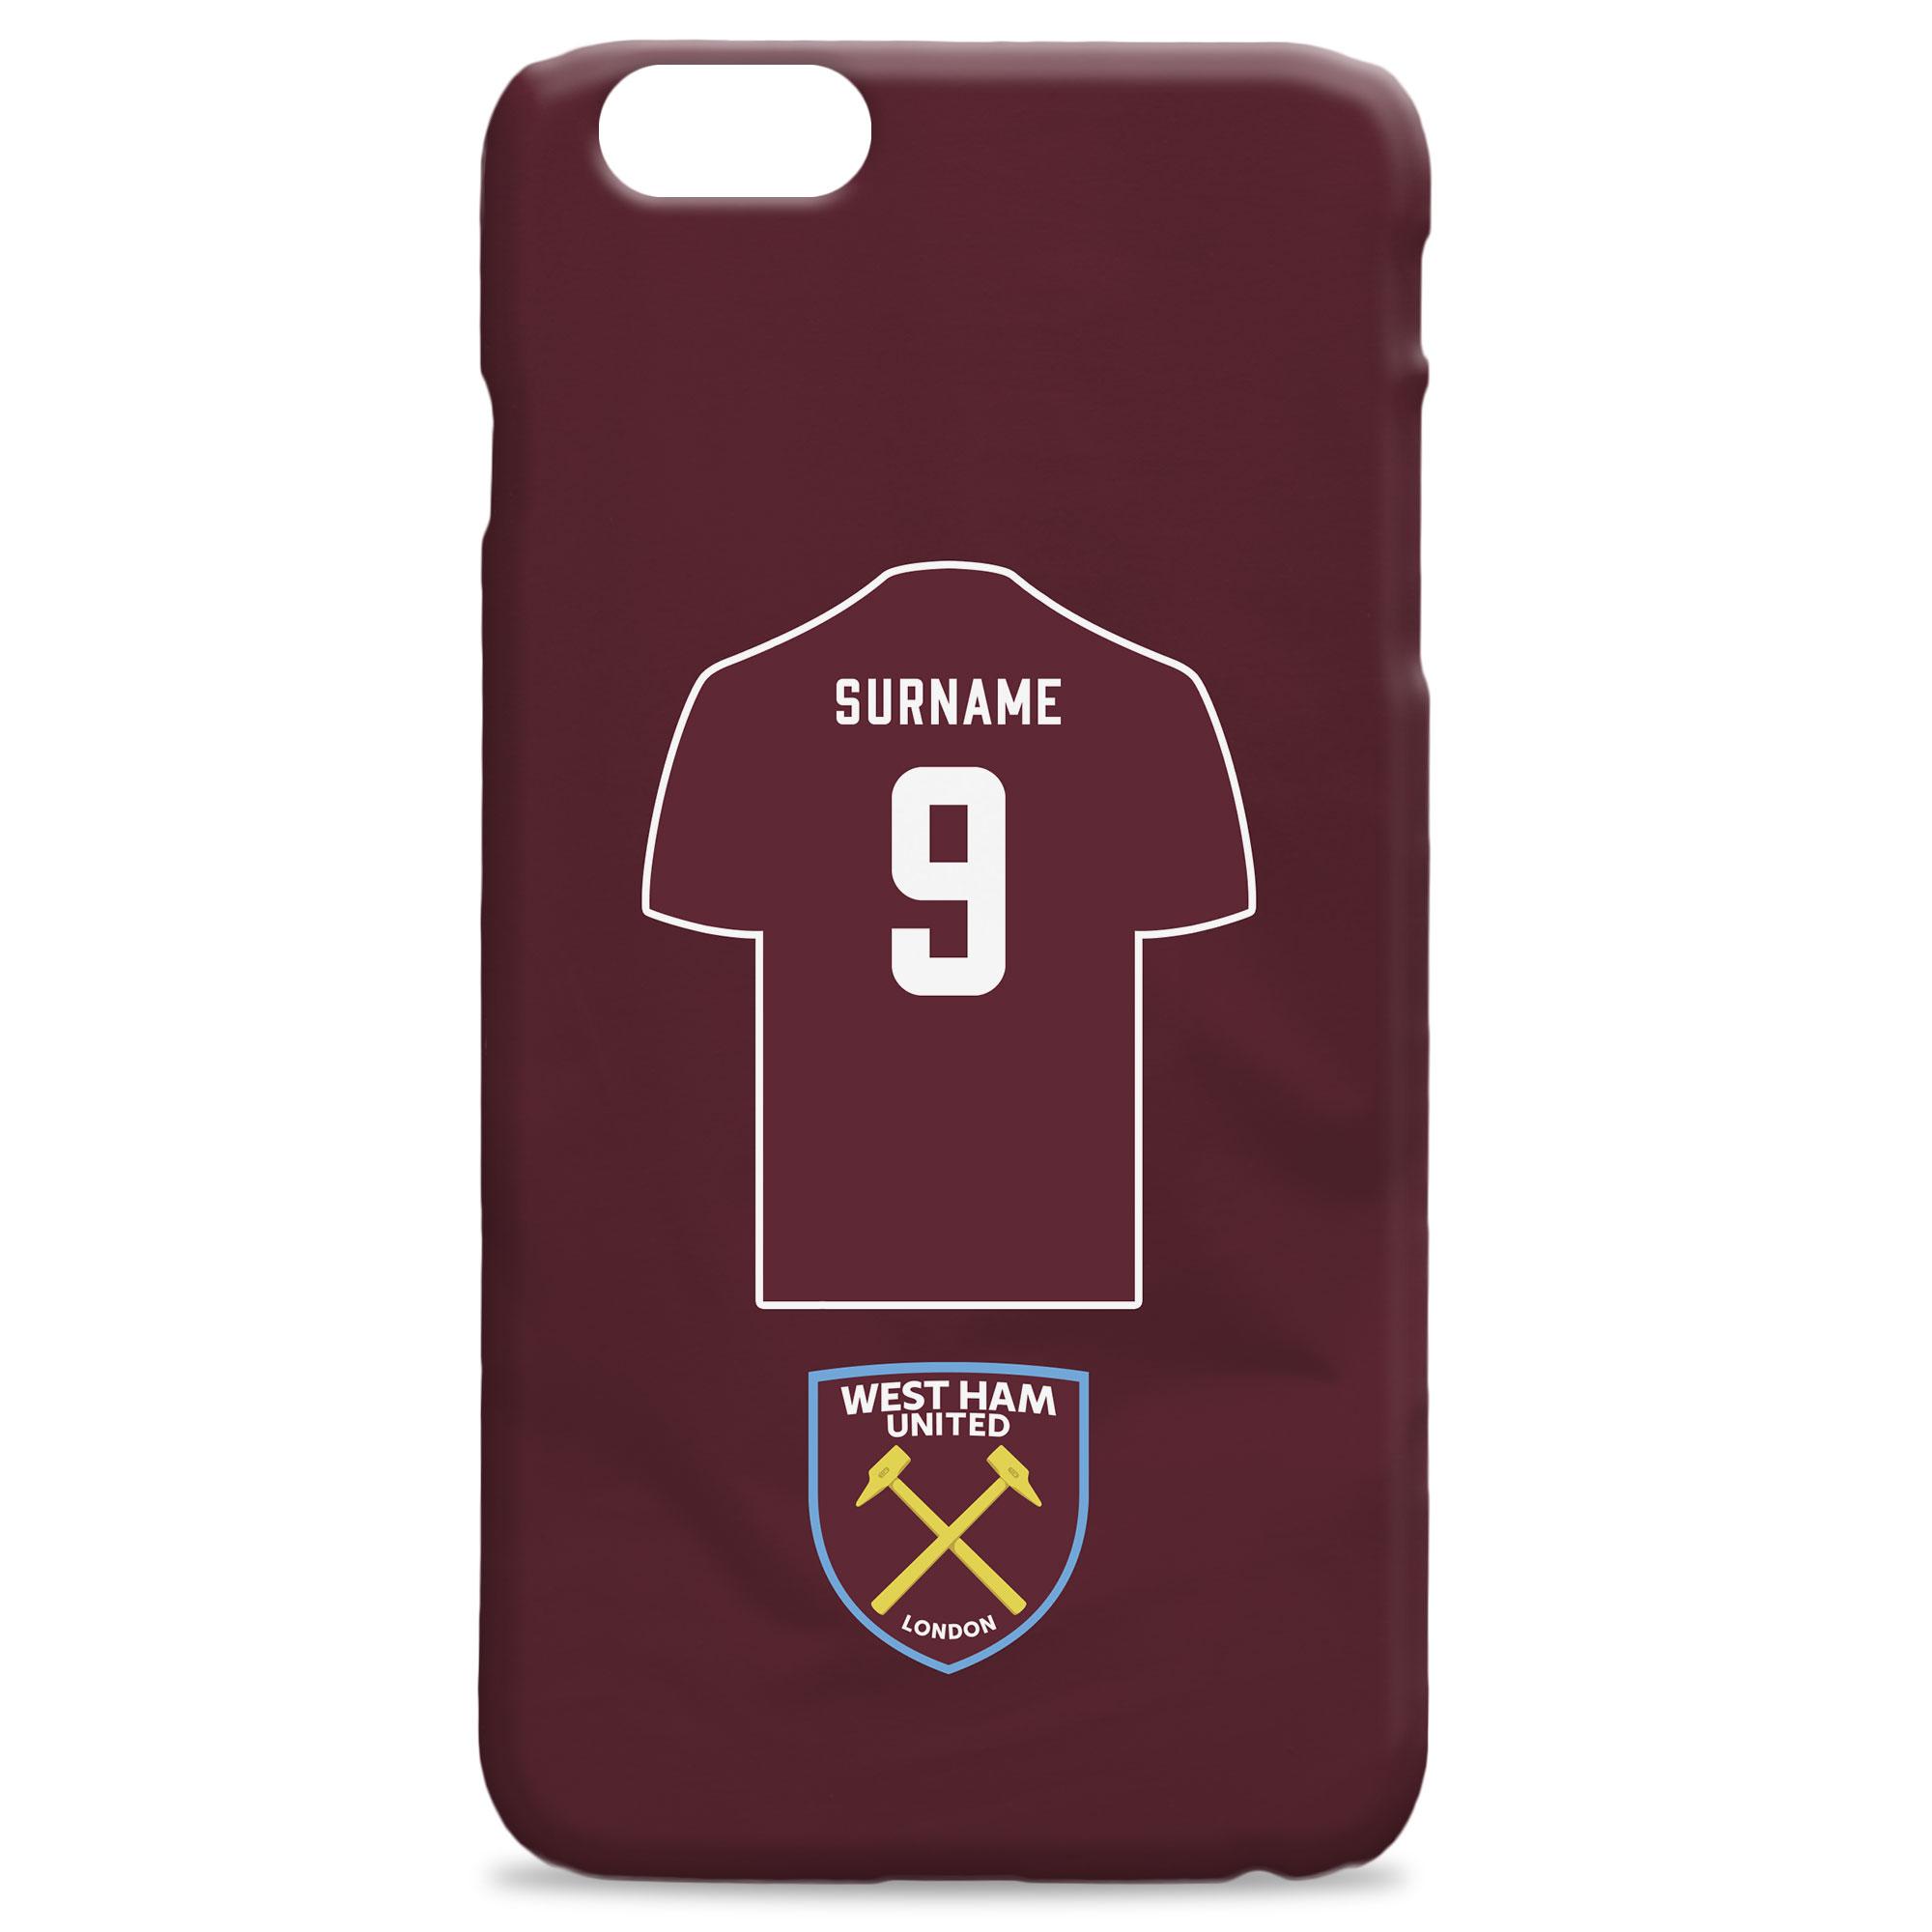 West Ham United FC Shirt Hard Back Phone Case